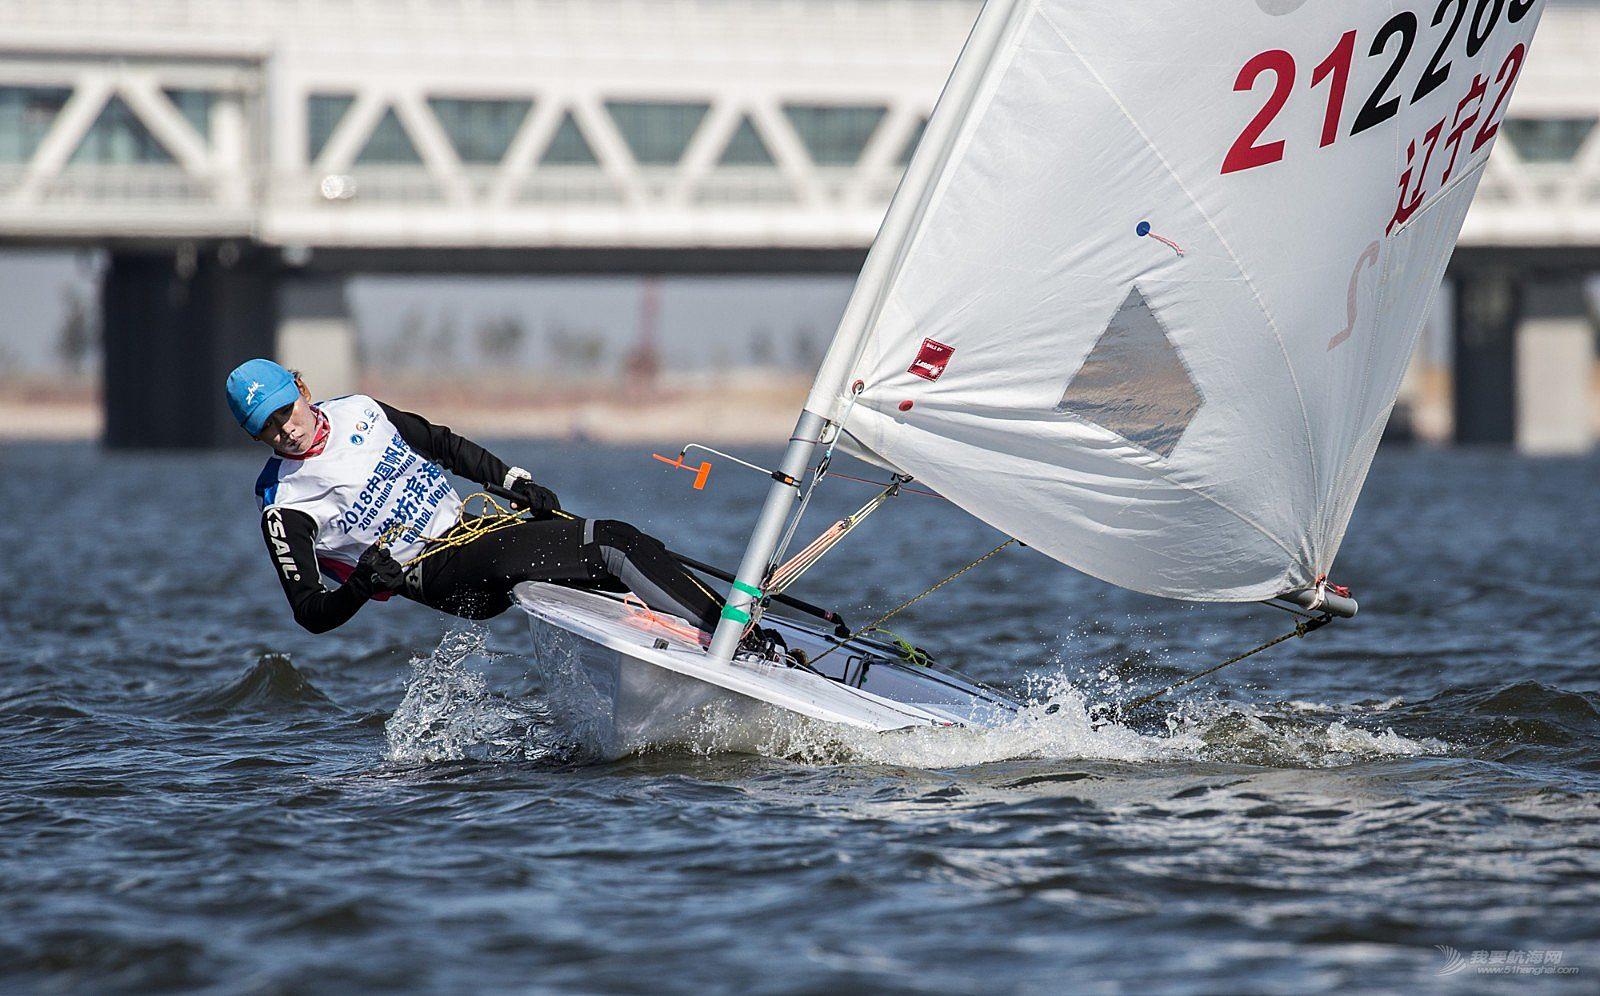 中国帆船联赛潍坊站28日国手赛事图片2